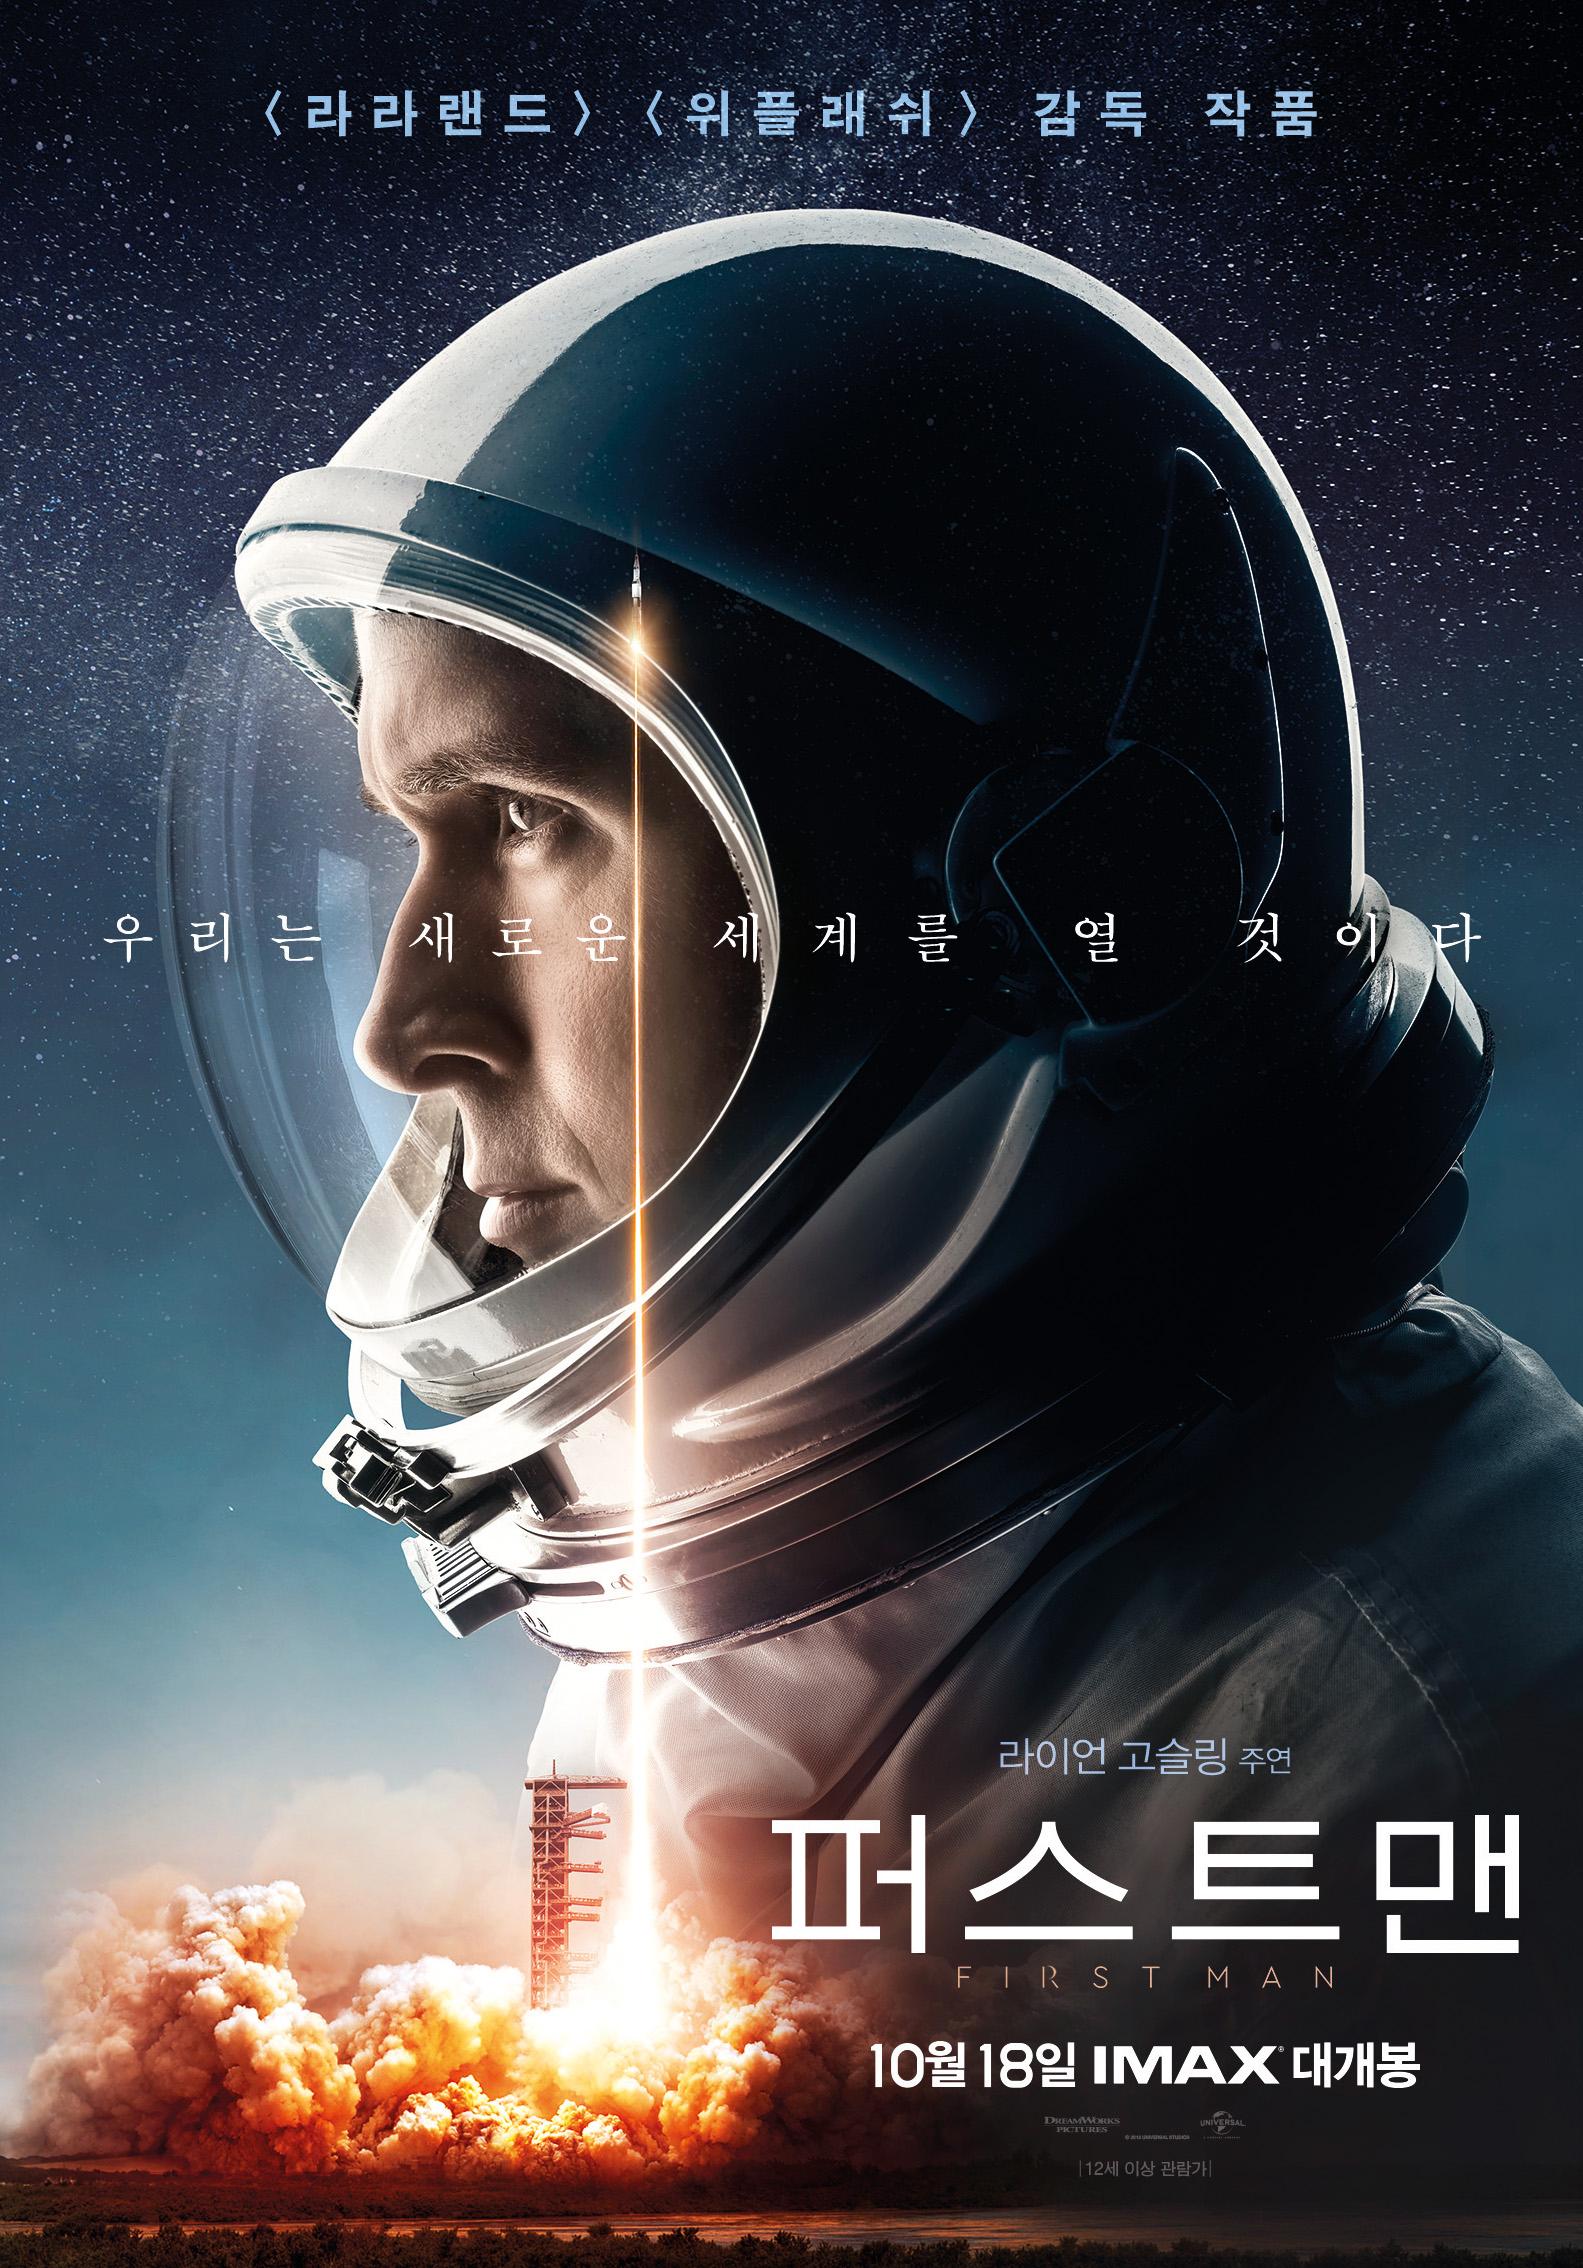 퍼스트맨 (First Man, 2018)